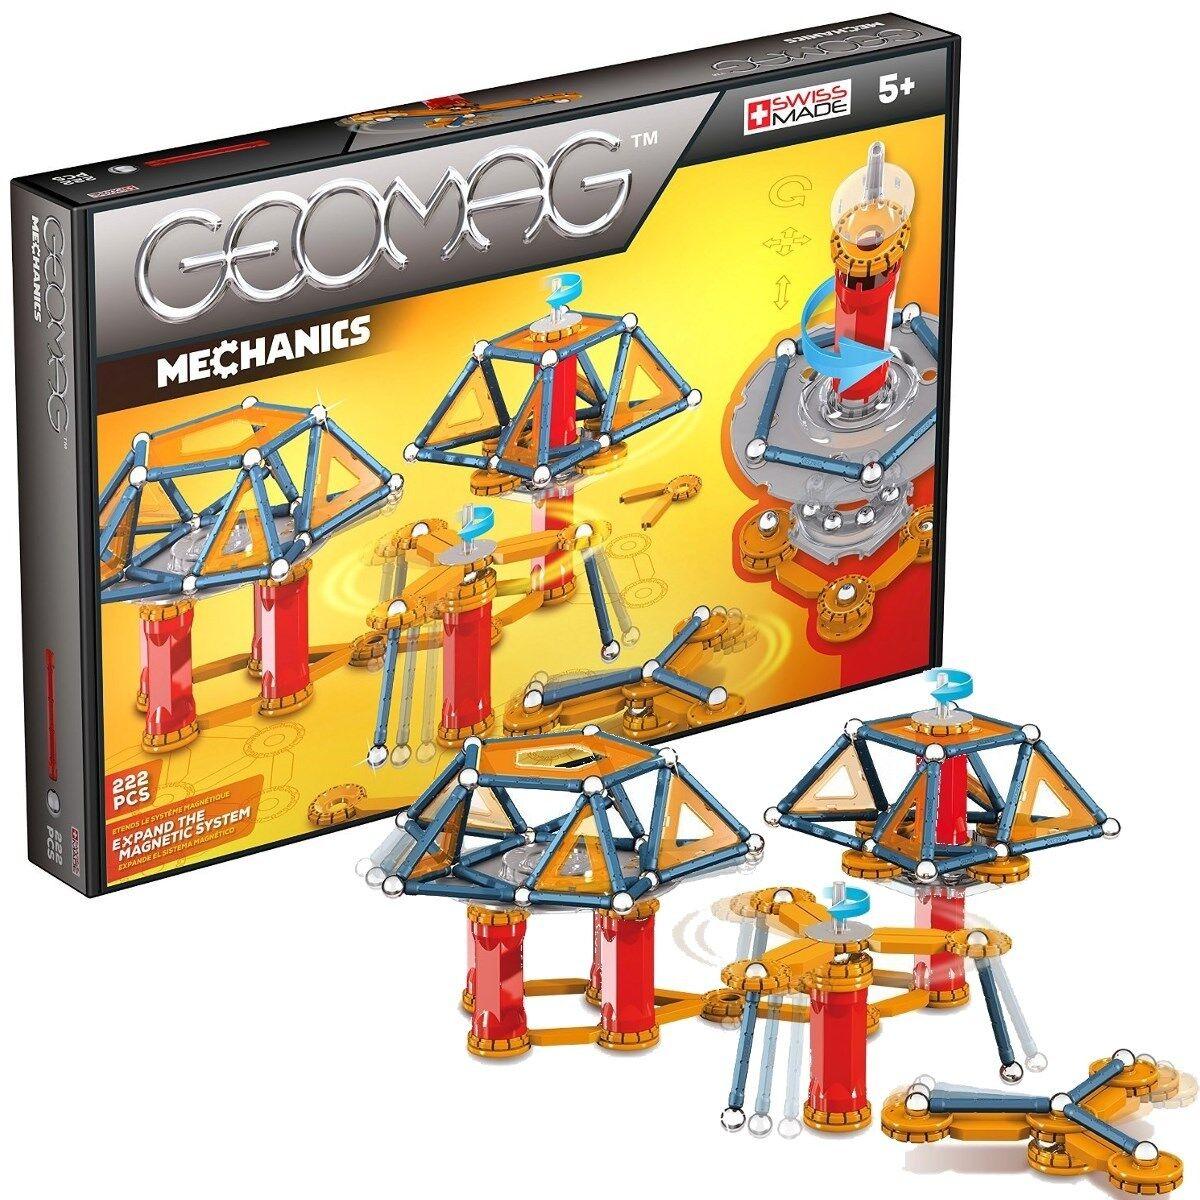 Geomag Geomag Geomag Mechanics 222Teile Magnetbaukasten Magnetspielzeug Konstruktion  723 40ba79